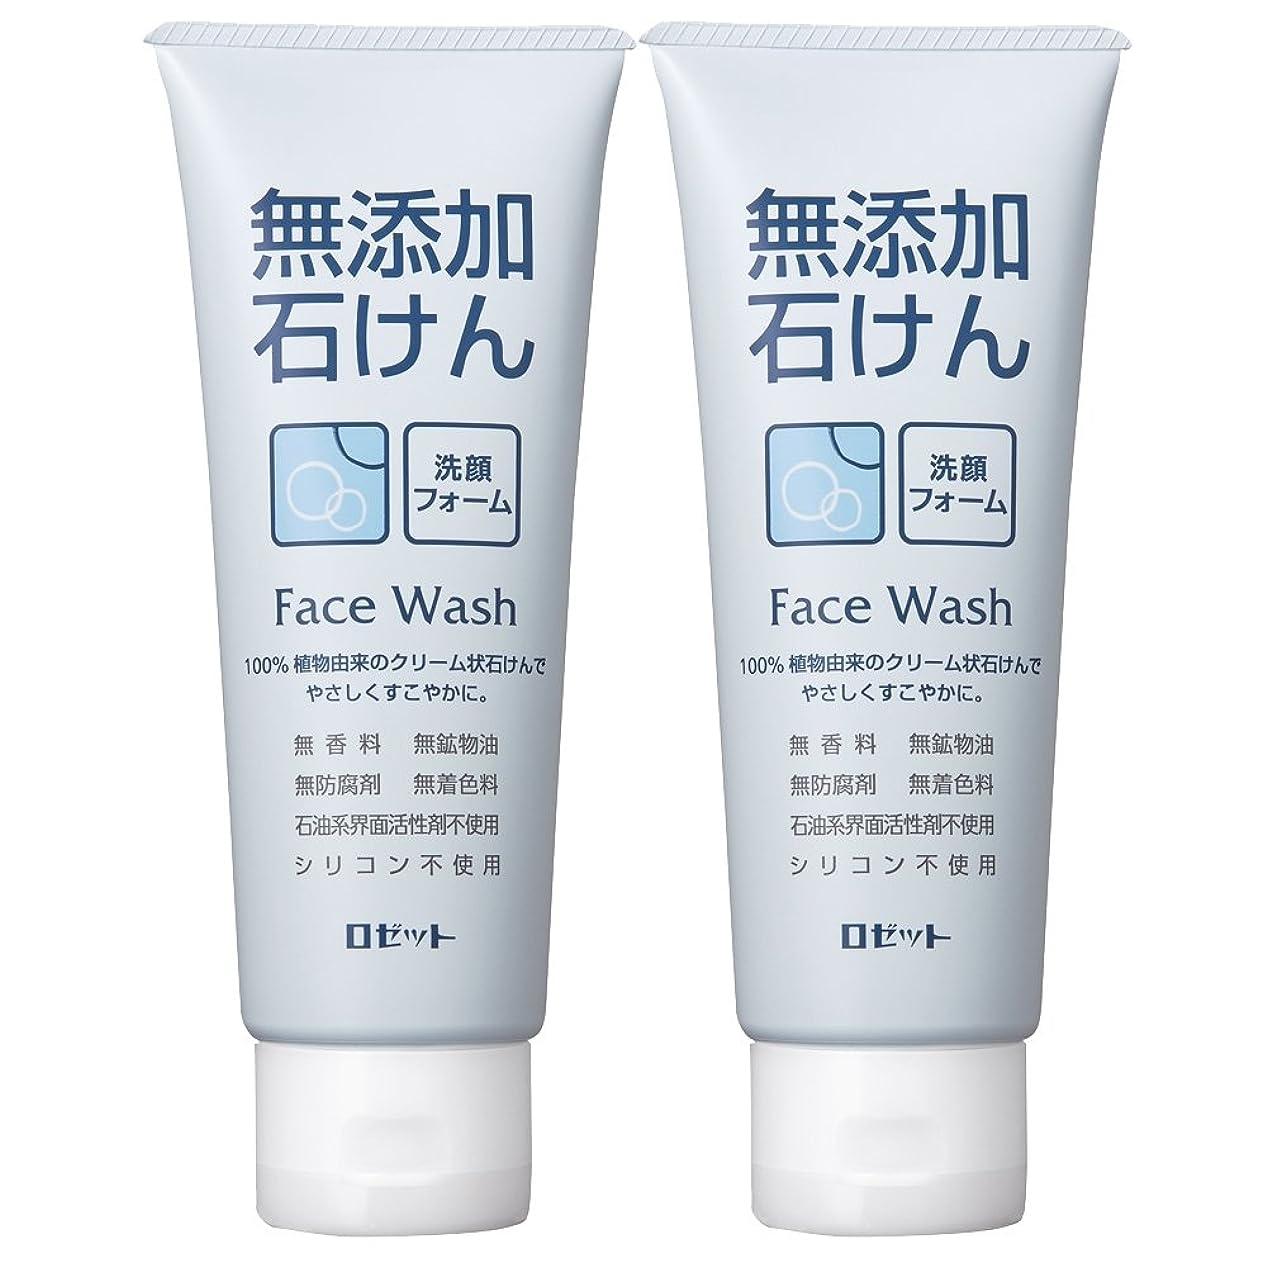 確認悪用強制ロゼット 無添加石けん 洗顔フォーム 140g×2個パック AZ